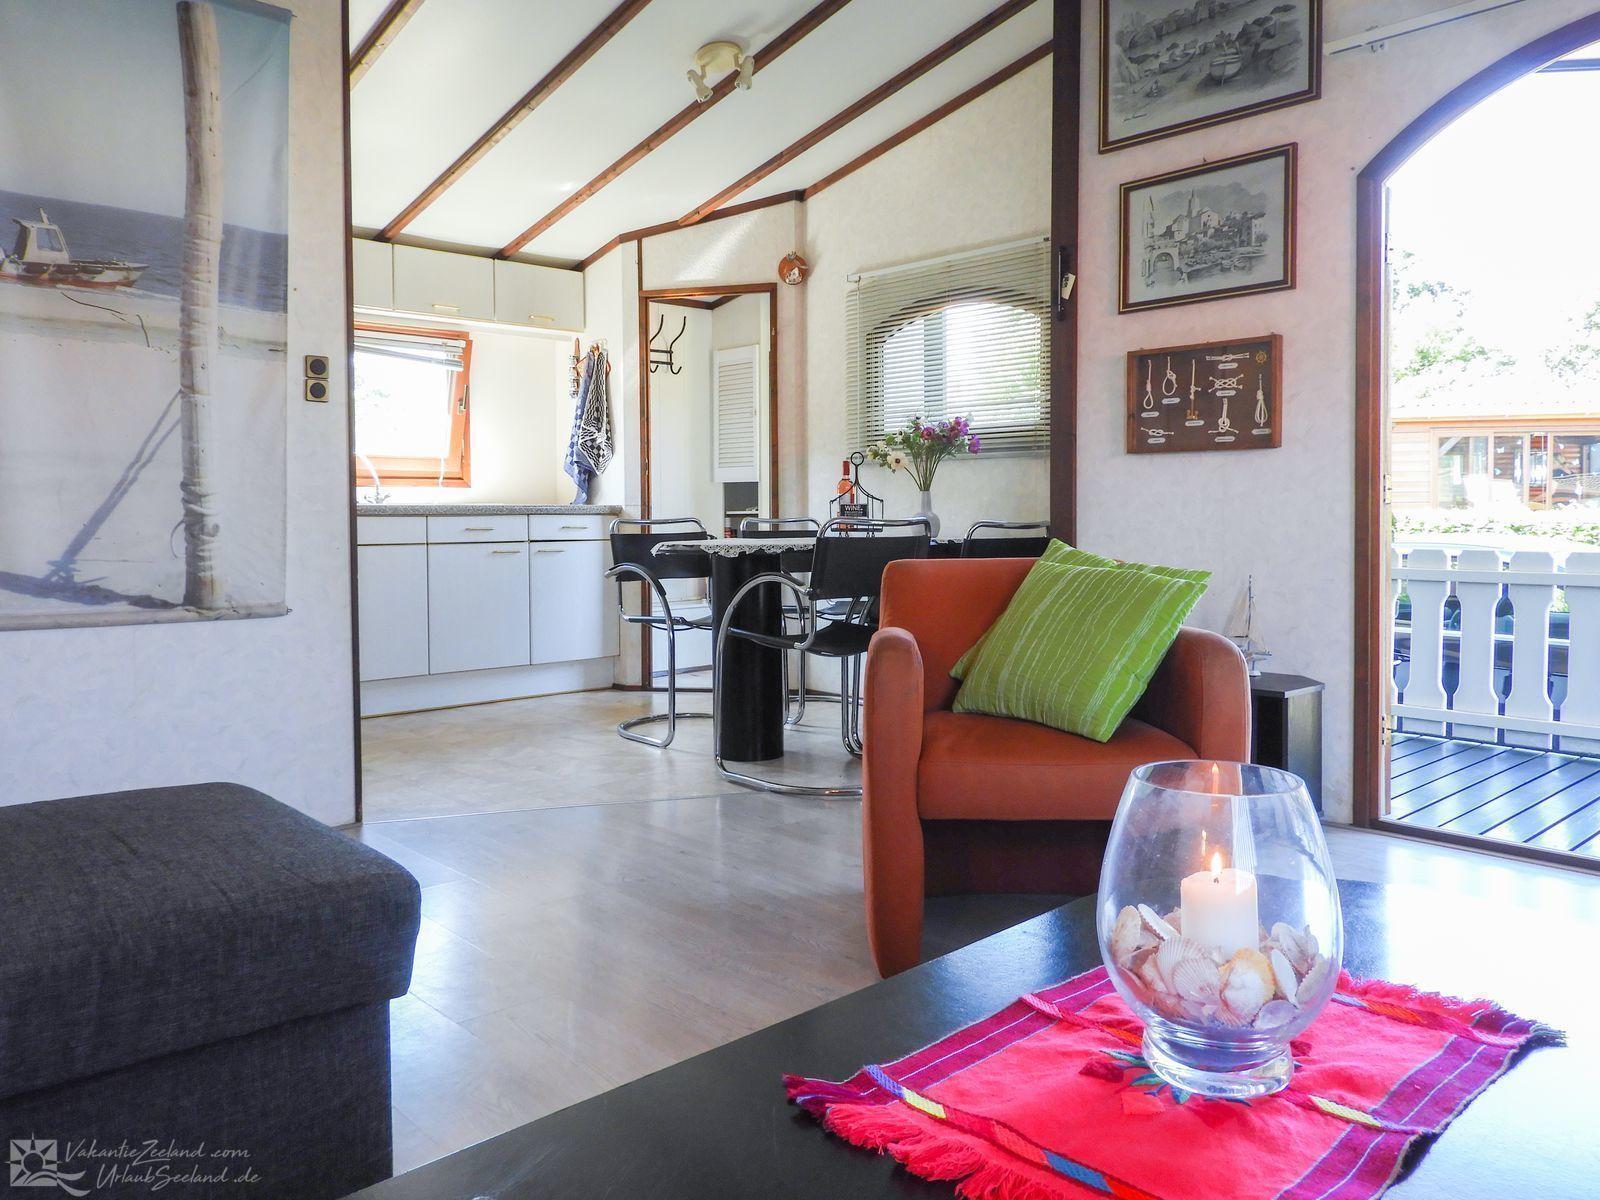 VZ359 Vakantiehuis Arnemuiden